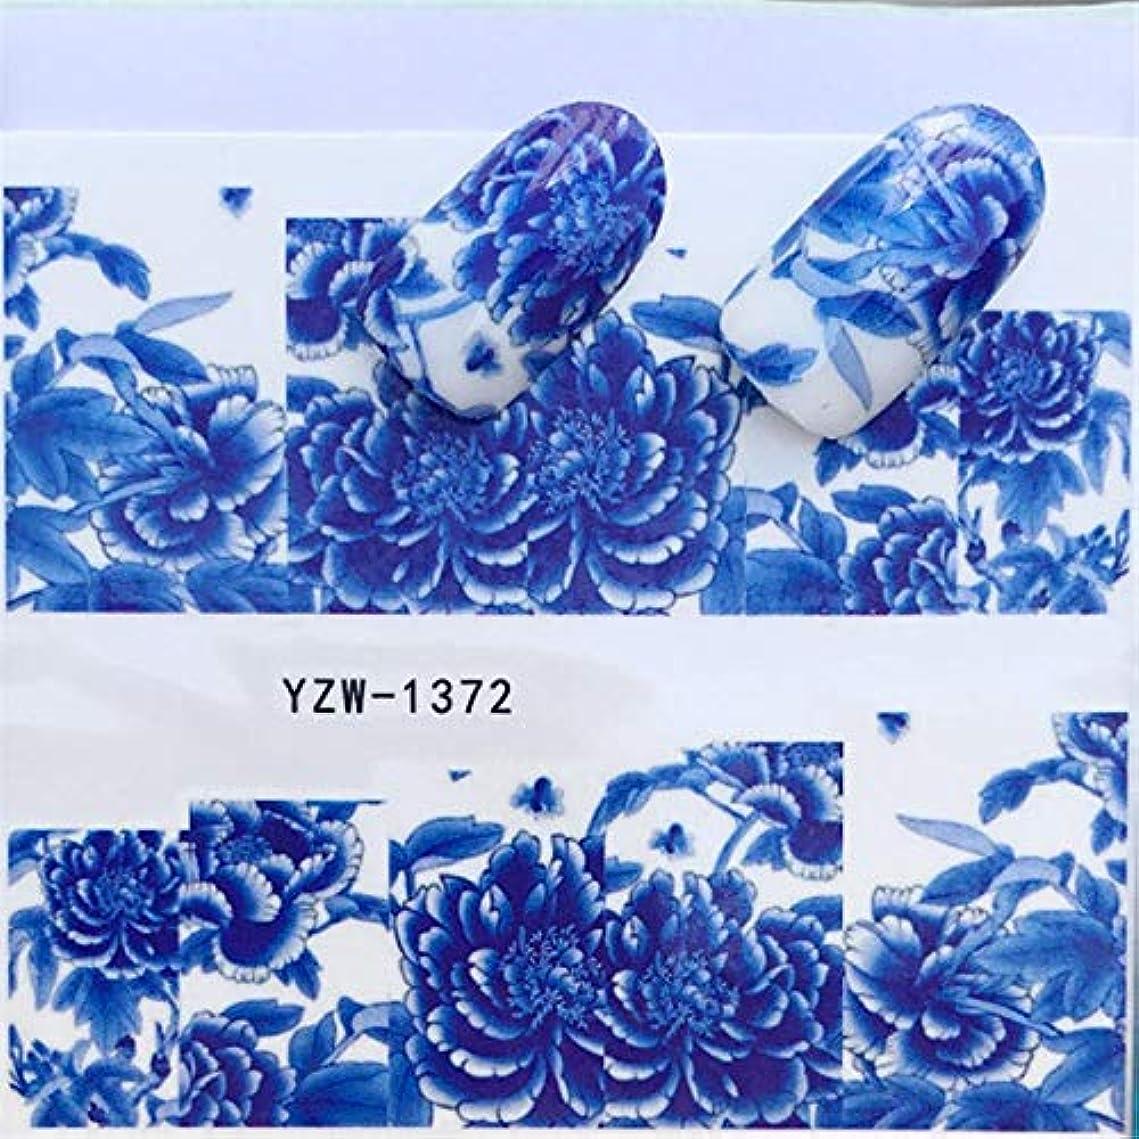 マージ魔術師目の前のSUKTI&XIAO ネイルステッカー 1枚の赤い花Parttenネイルスライダーアート水転写ステッカーネイルアートデコレーションデカールマニキュア、Yzw-1372